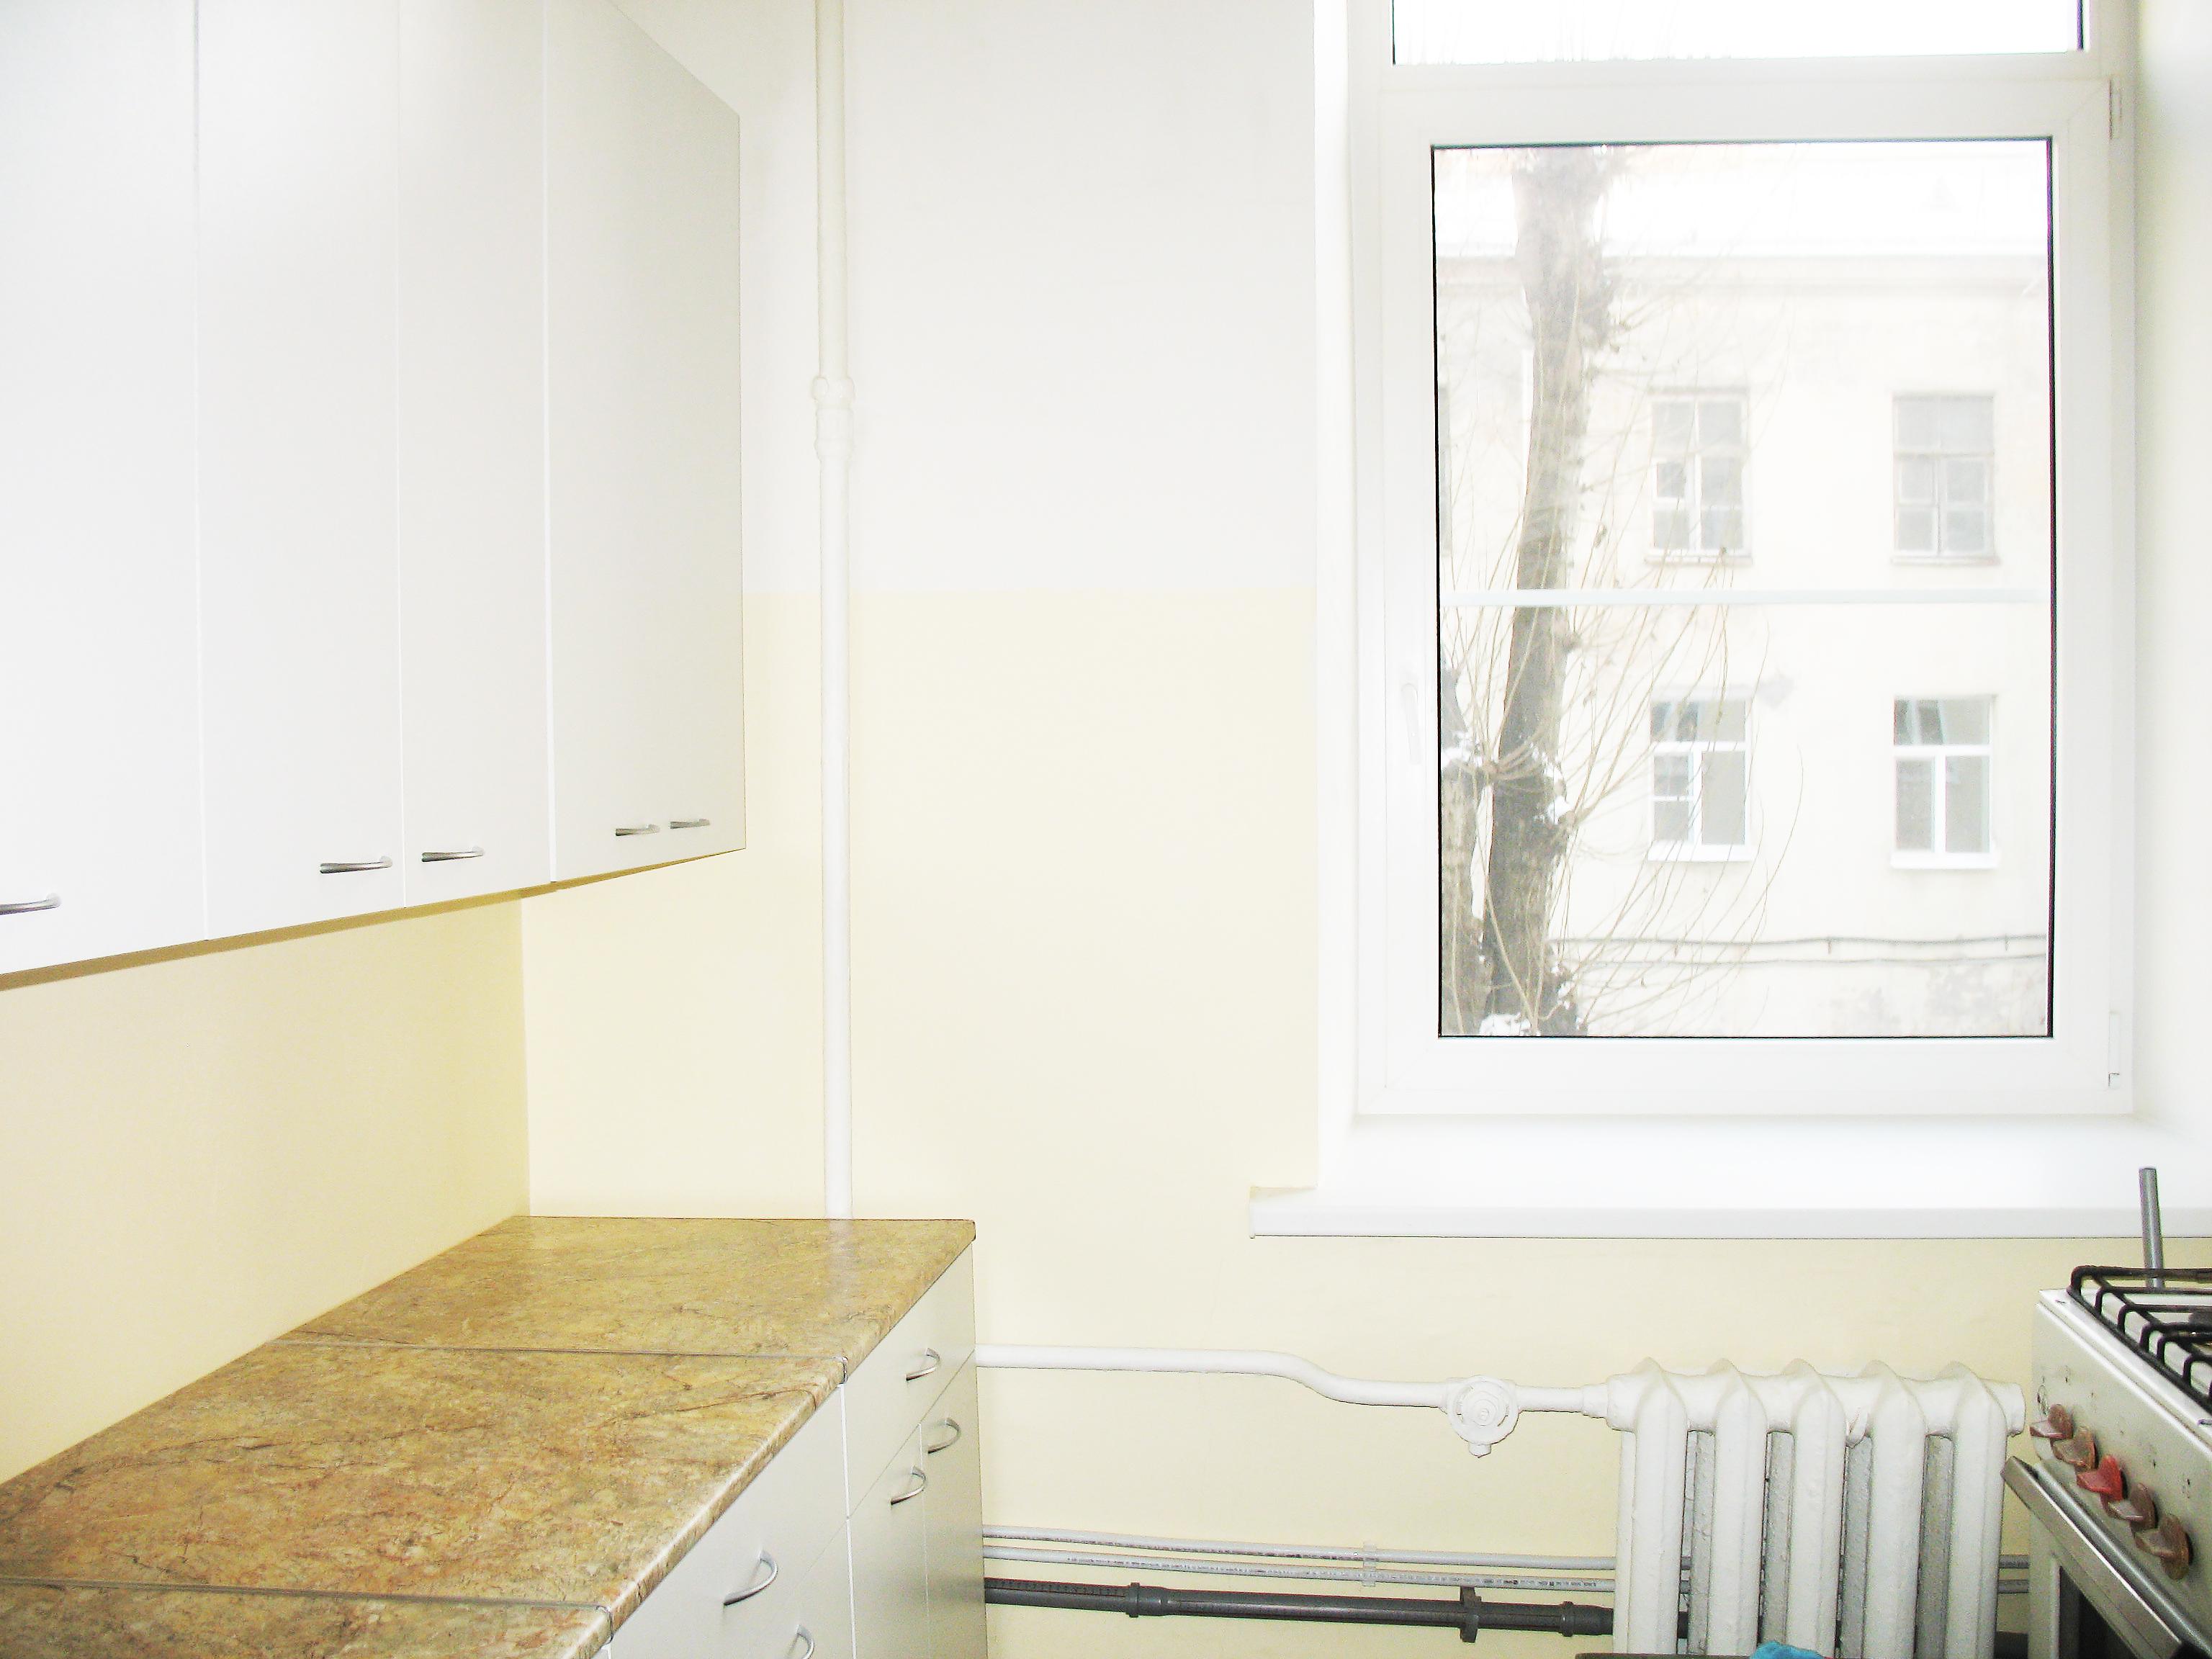 Продам 2-х этажную комнату в СПб - 14 метров (+3,6 м второй этаж) со встроенной мини-кухней у метро Садовая (10 мин. пешком).